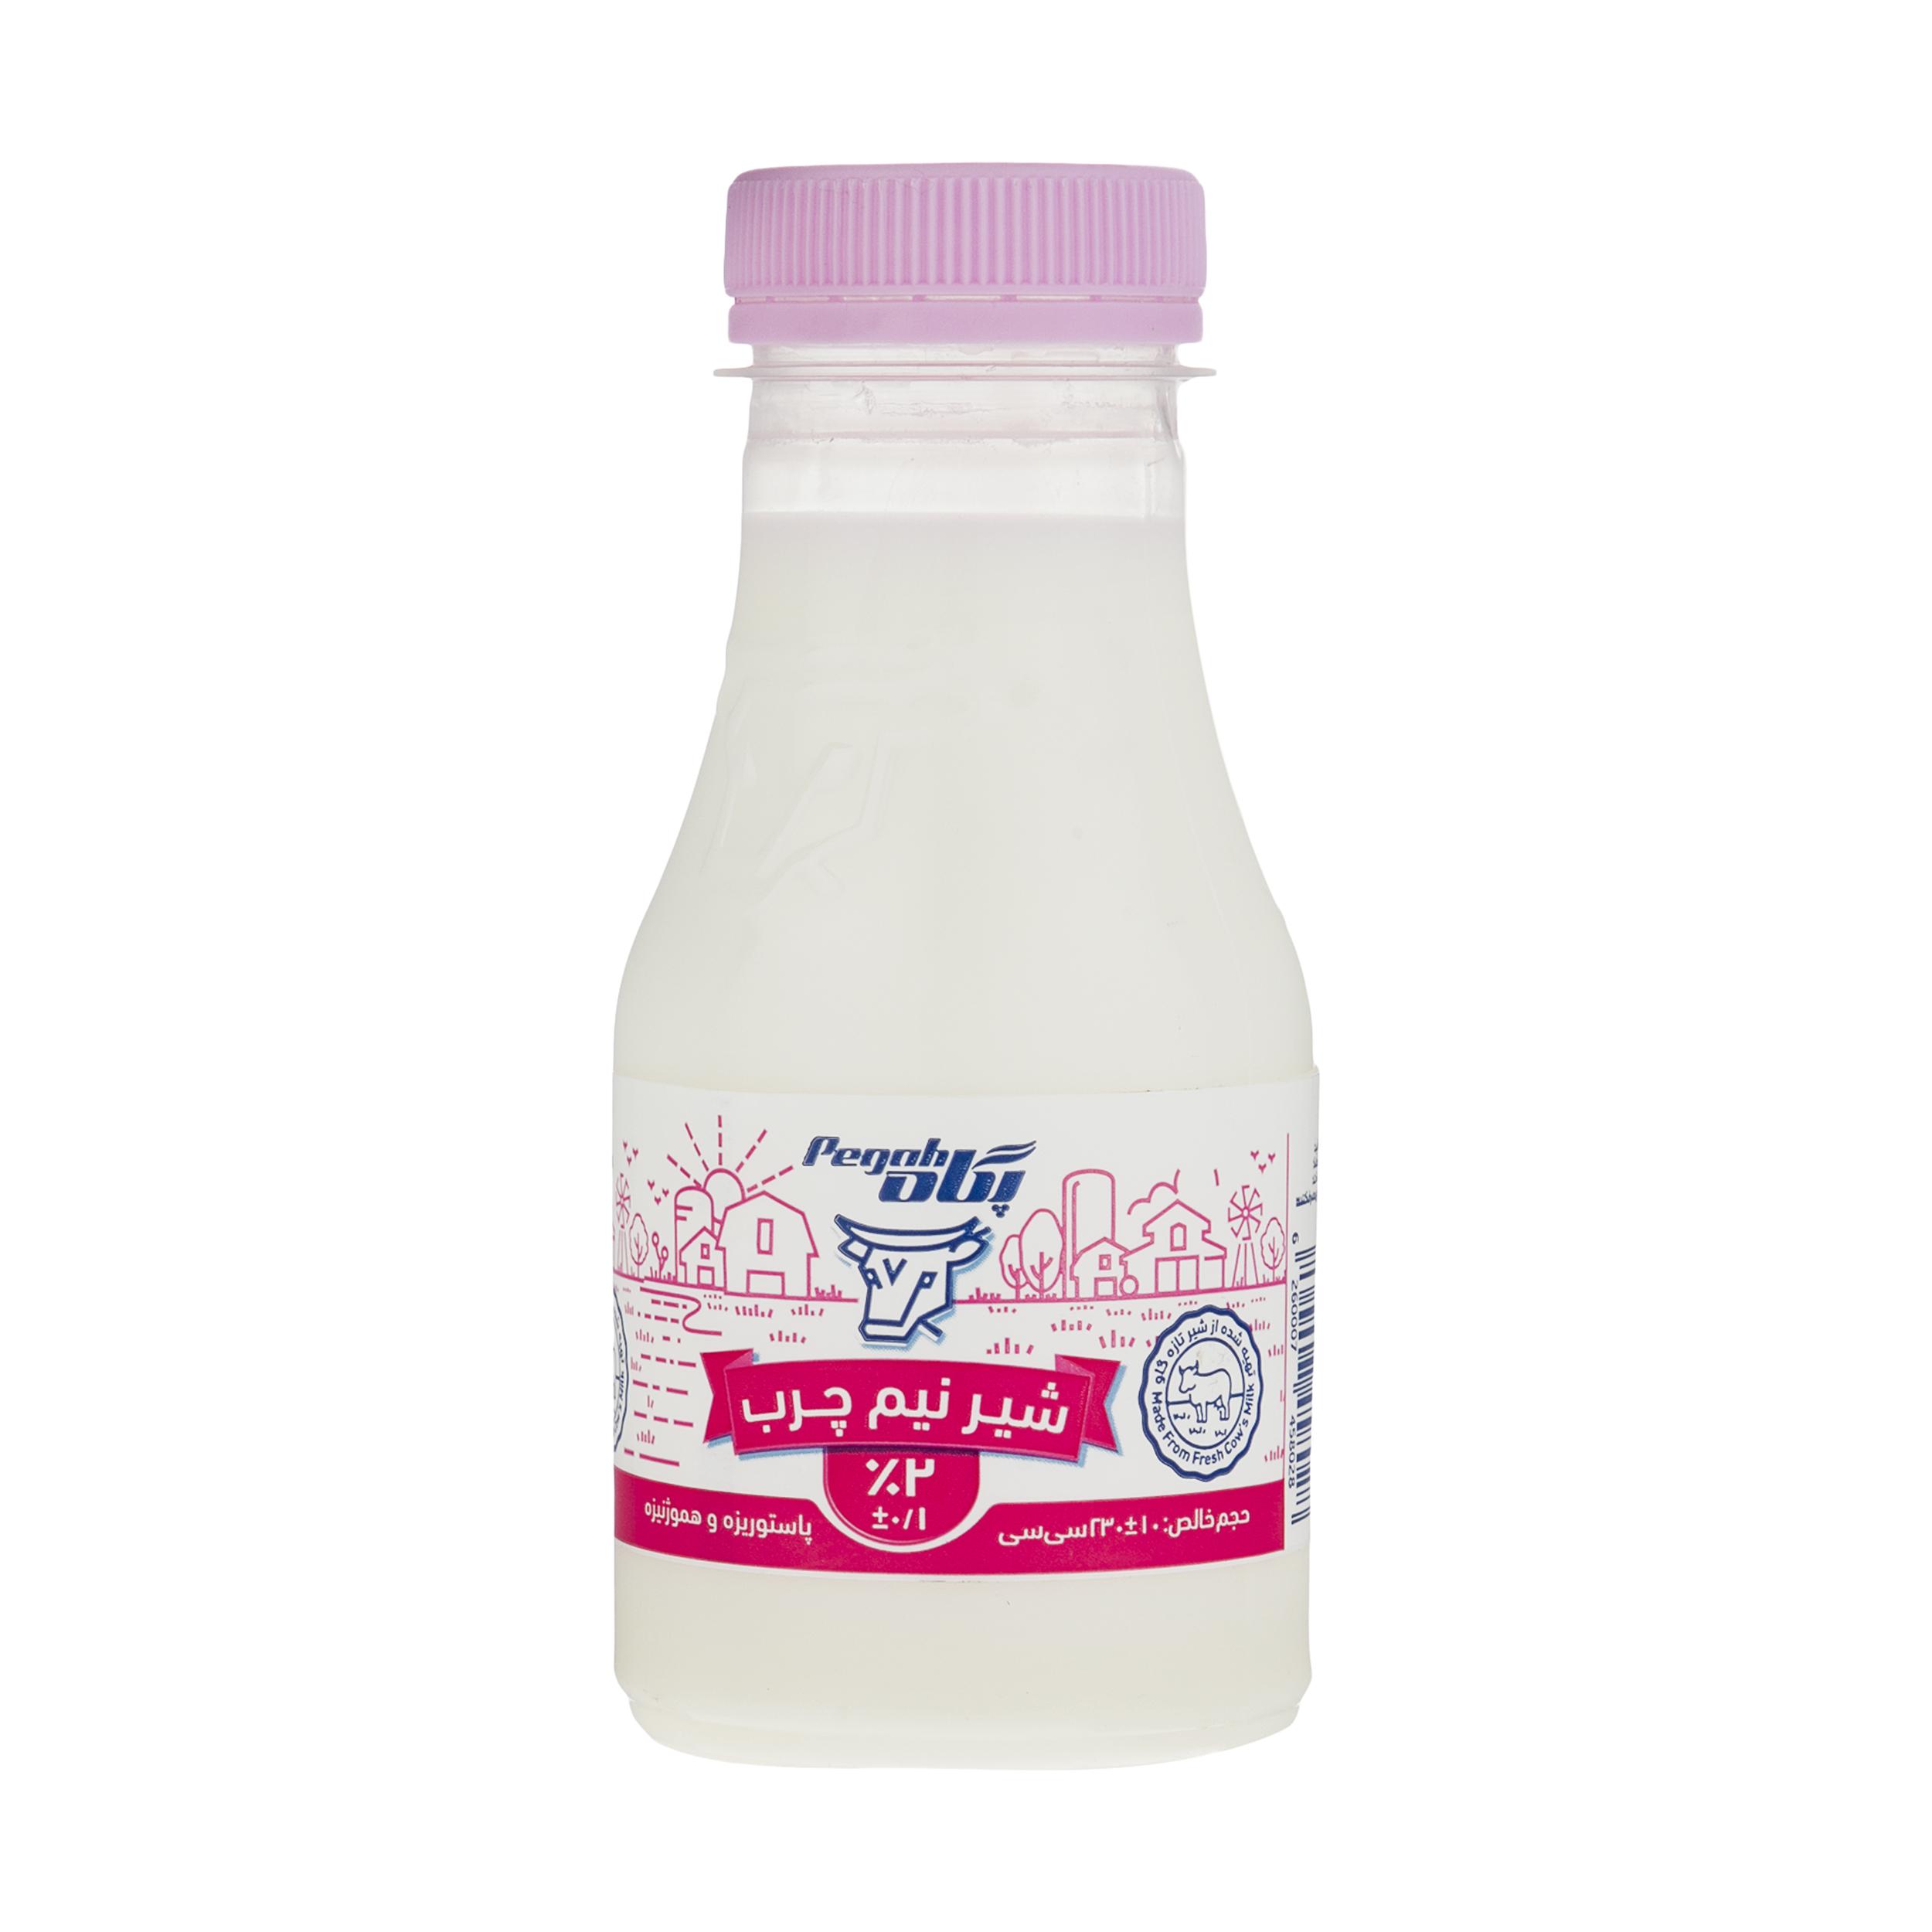 شیر نیم چرب پگاه - 230 میلی لیتر